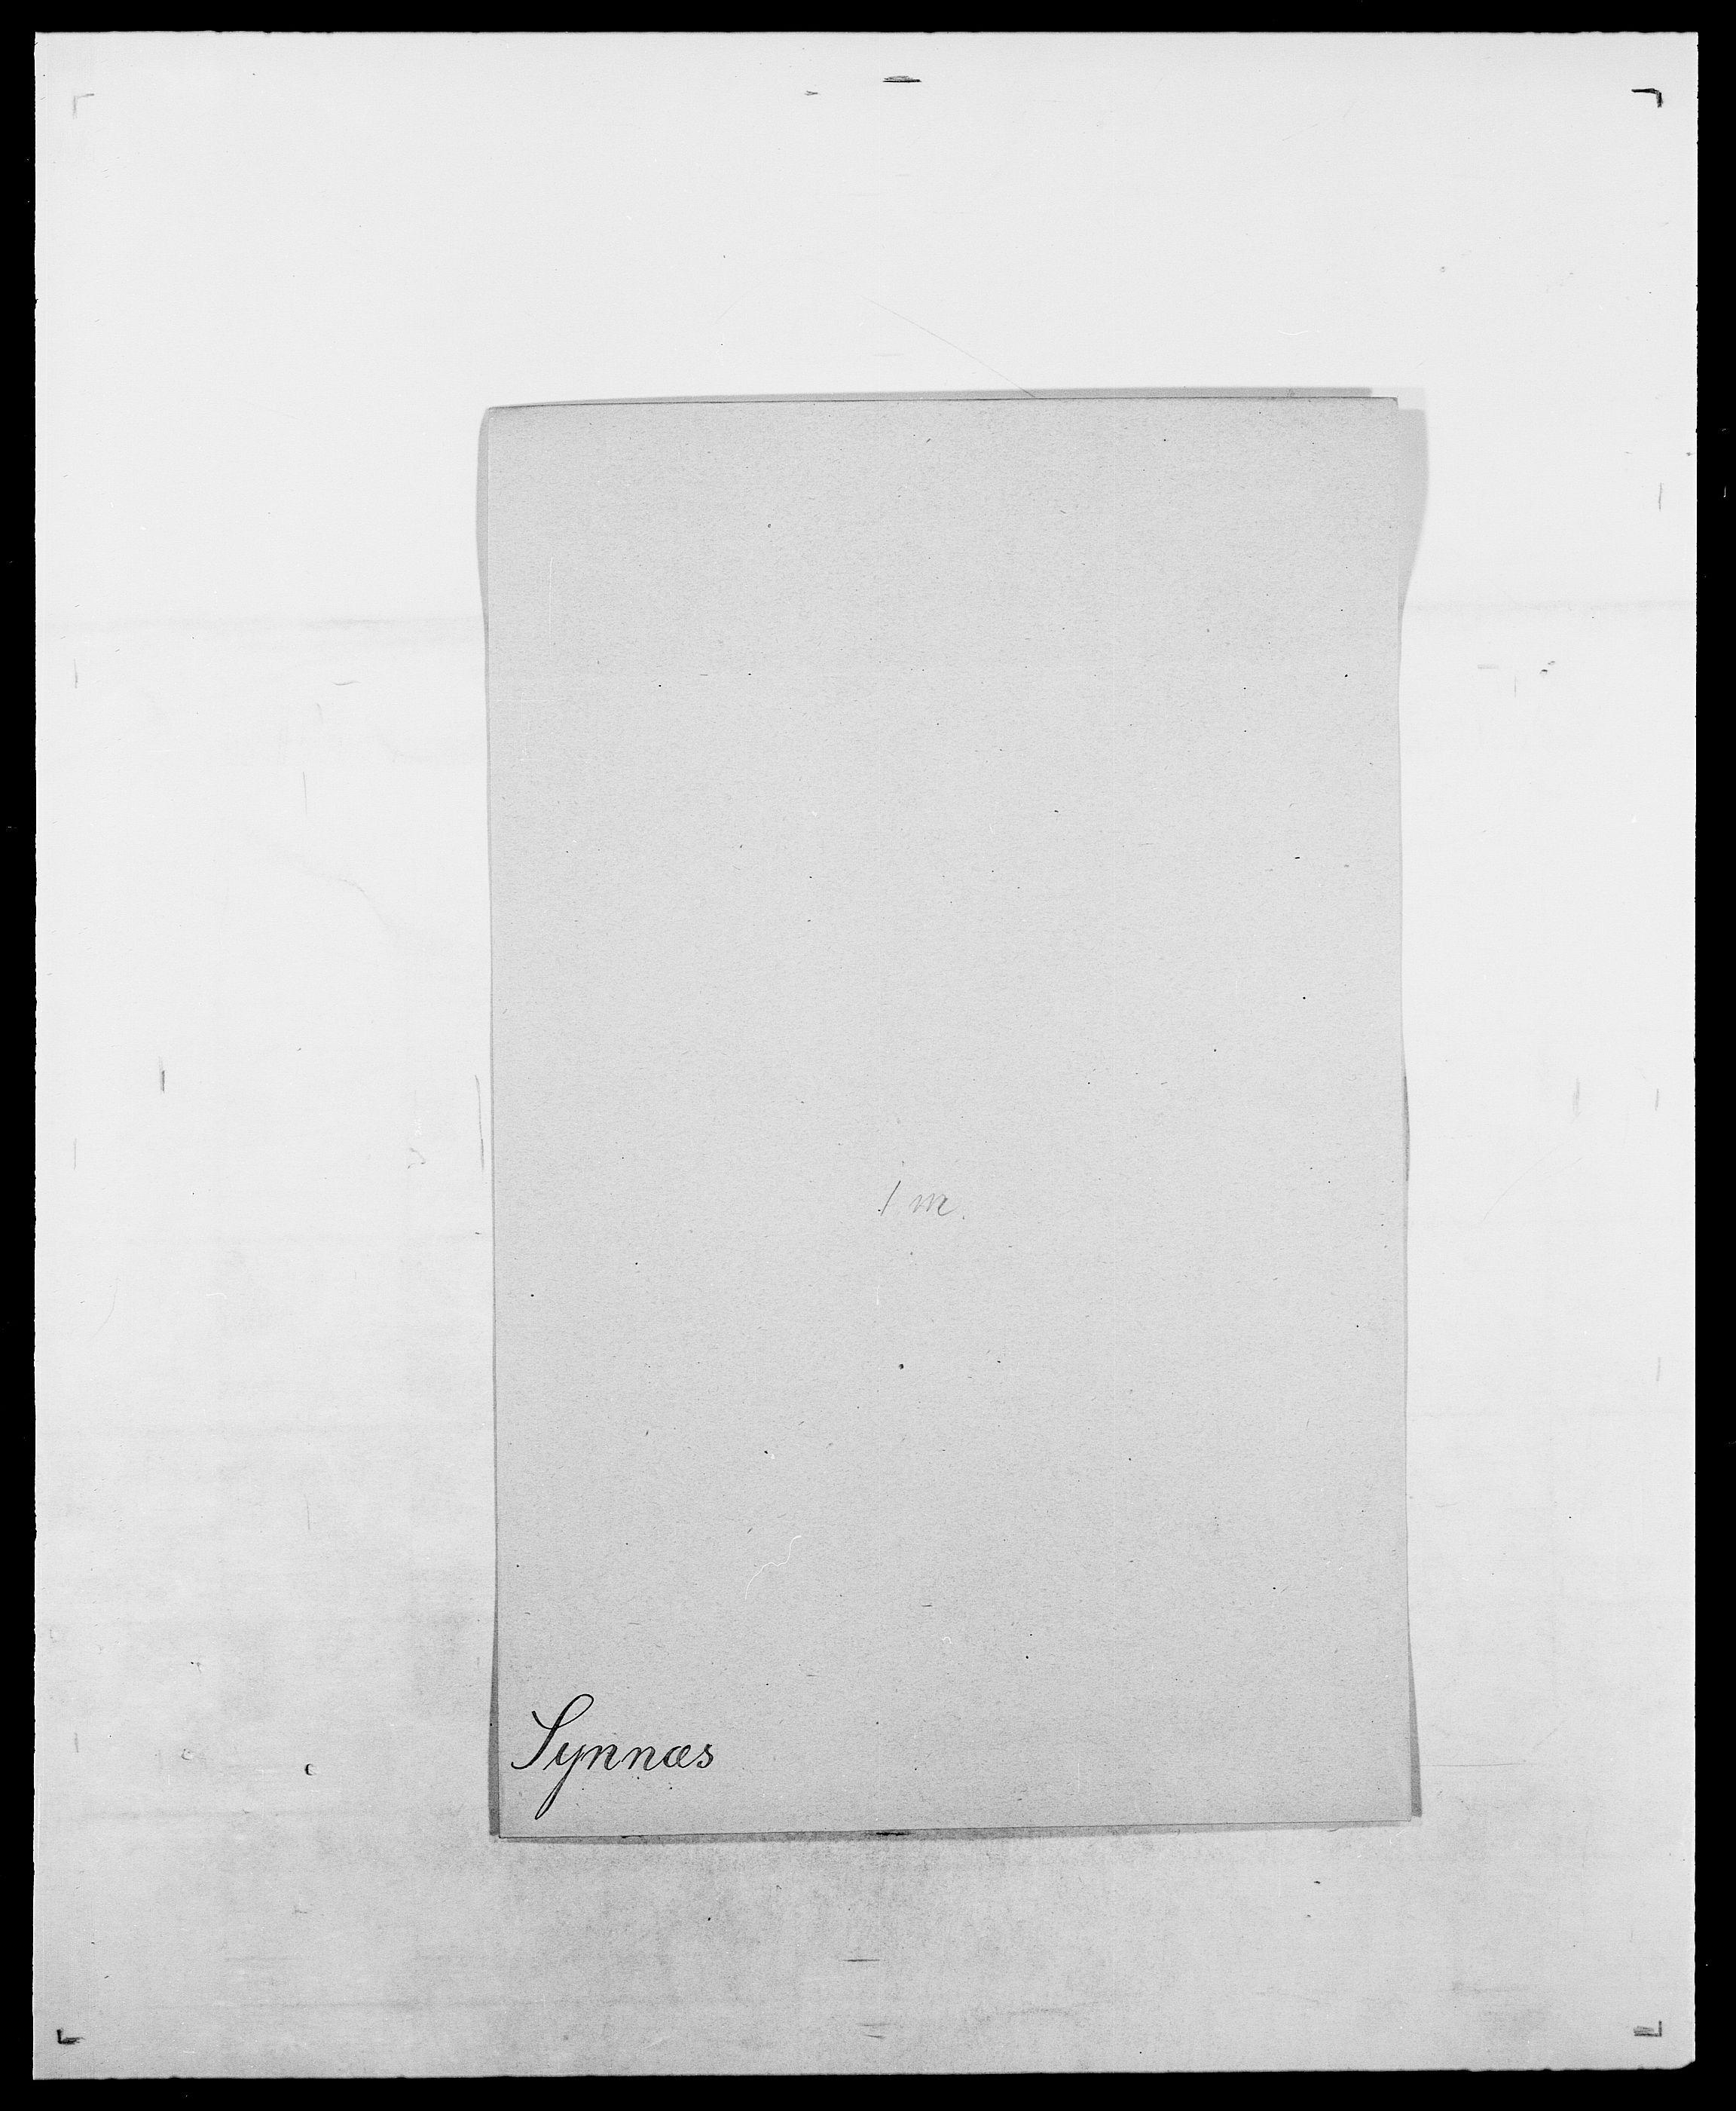 SAO, Delgobe, Charles Antoine - samling, D/Da/L0038: Svanenskjold - Thornsohn, s. 99